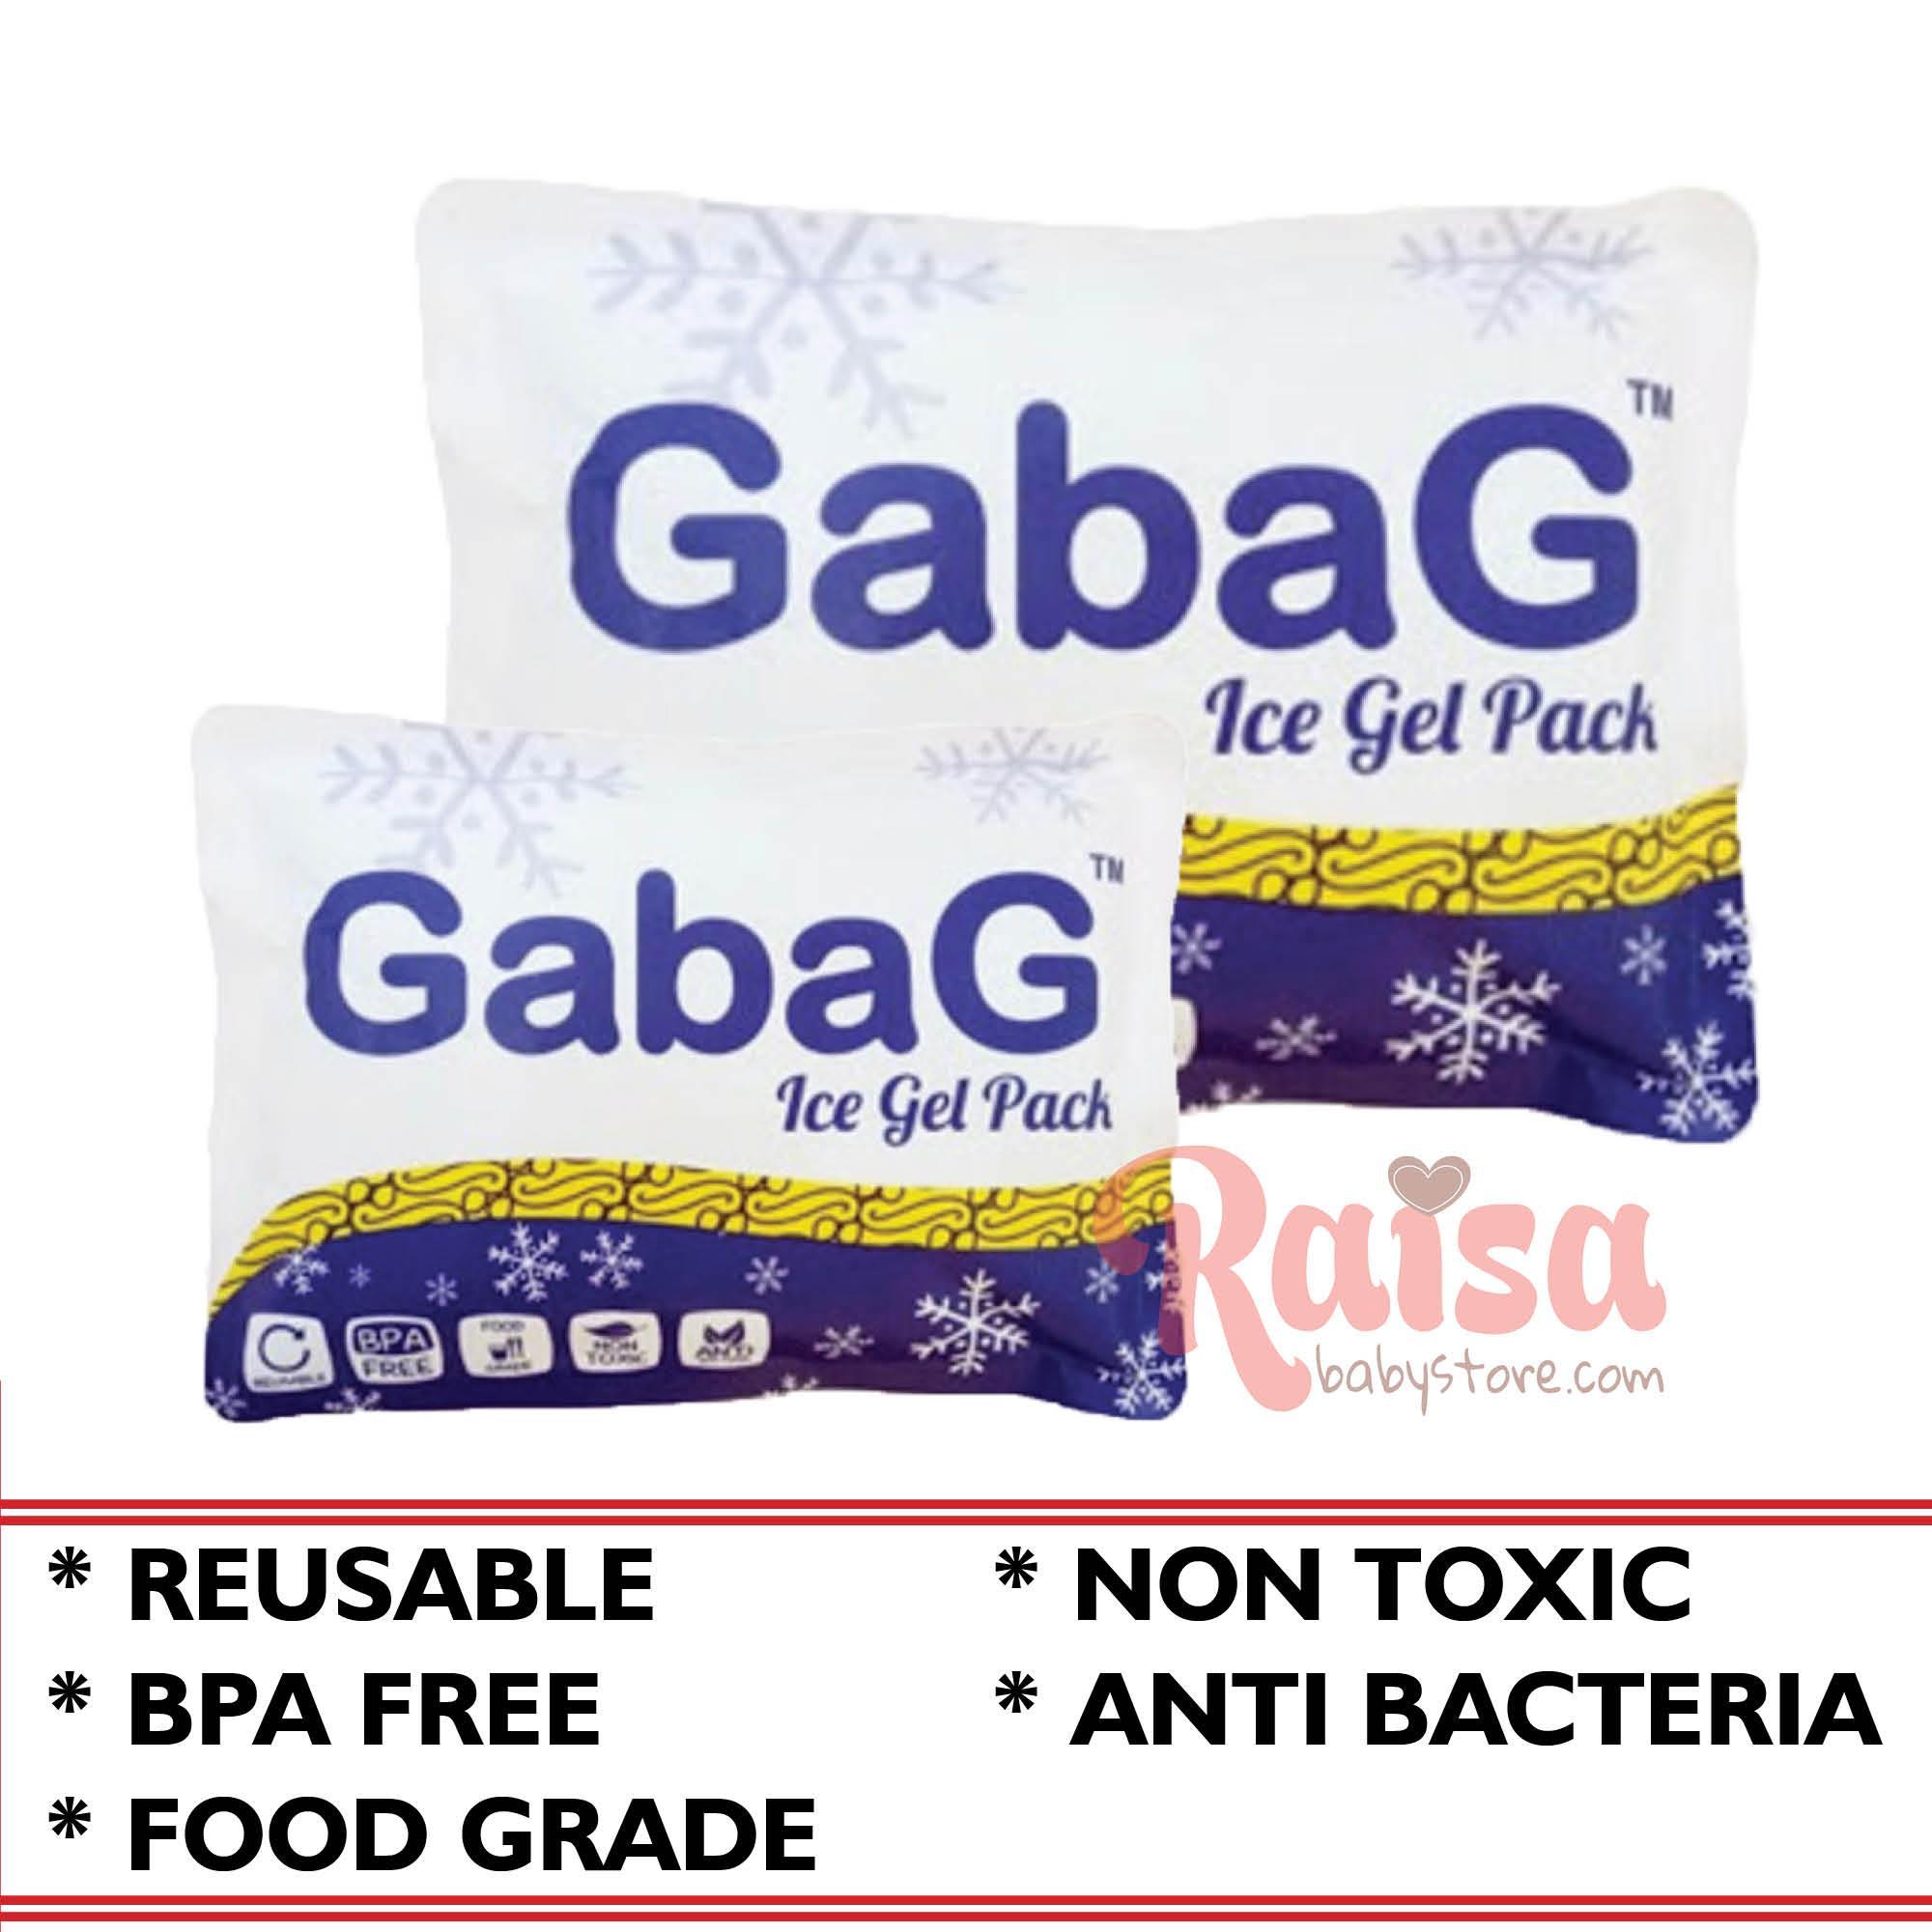 Gabag Ice Gel Pack Pendingin ASI / Cooler Gel Berkualitas untuk Panas dan Dingin